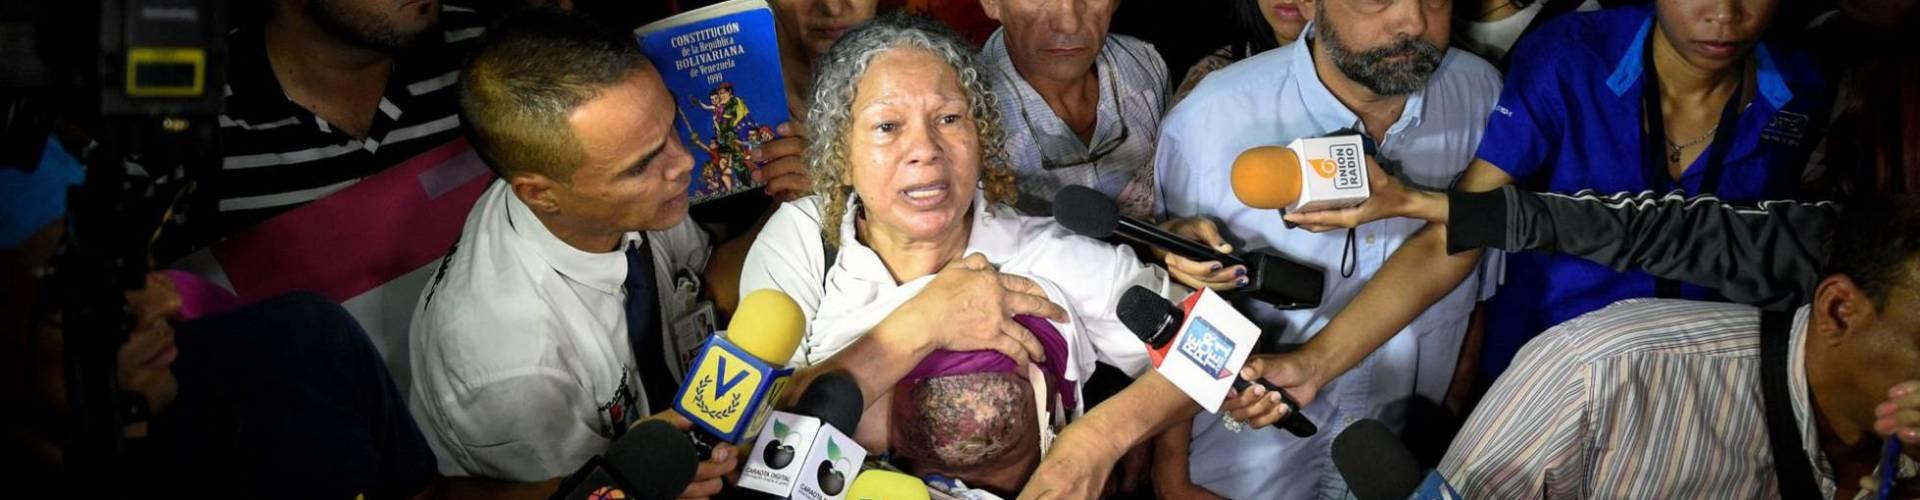 Seno enfermo resalta crisis salud Venezuela